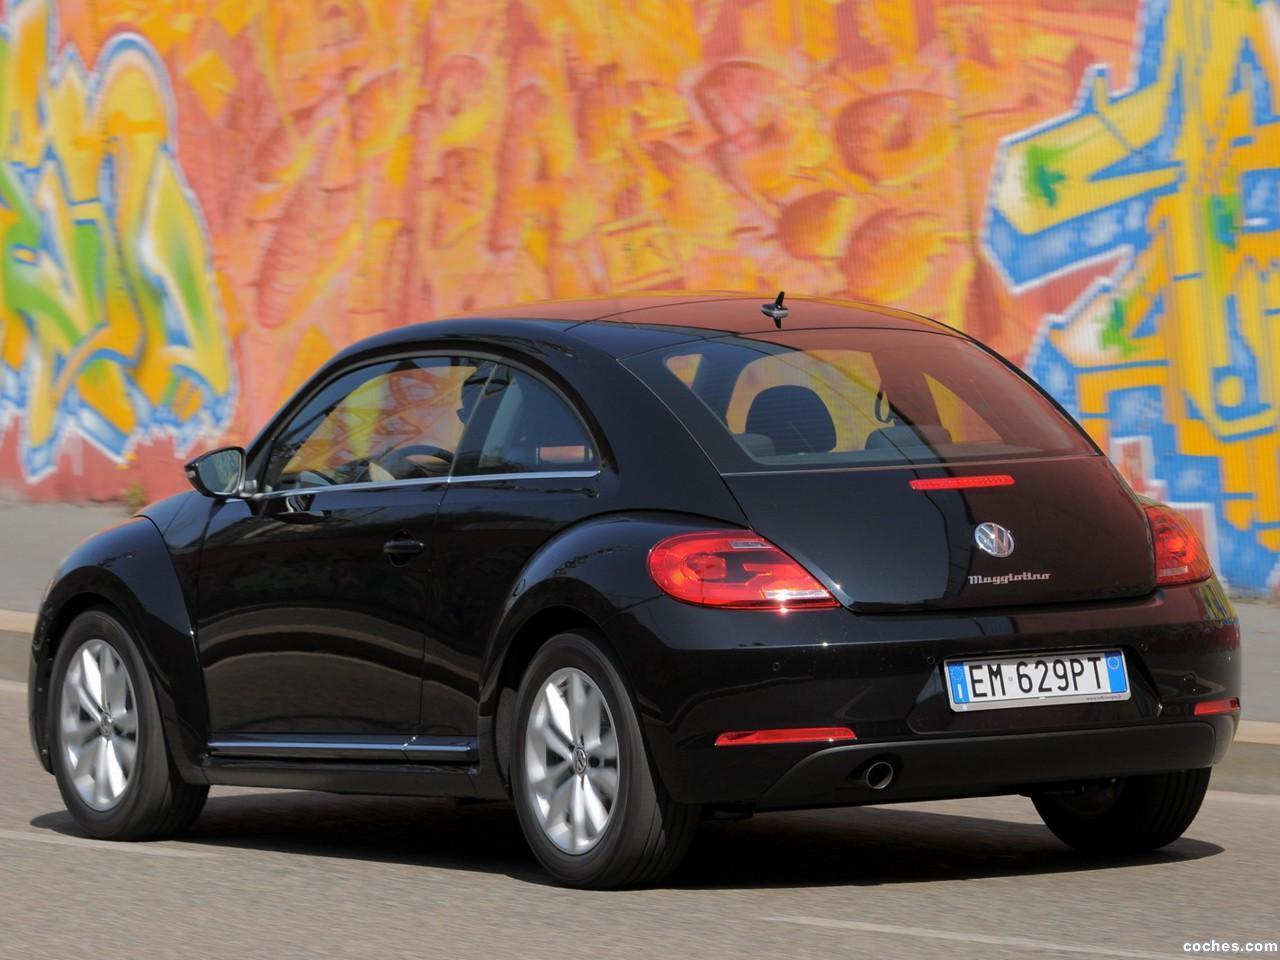 Foto 2 de Volkswagen Maggiolino 2012